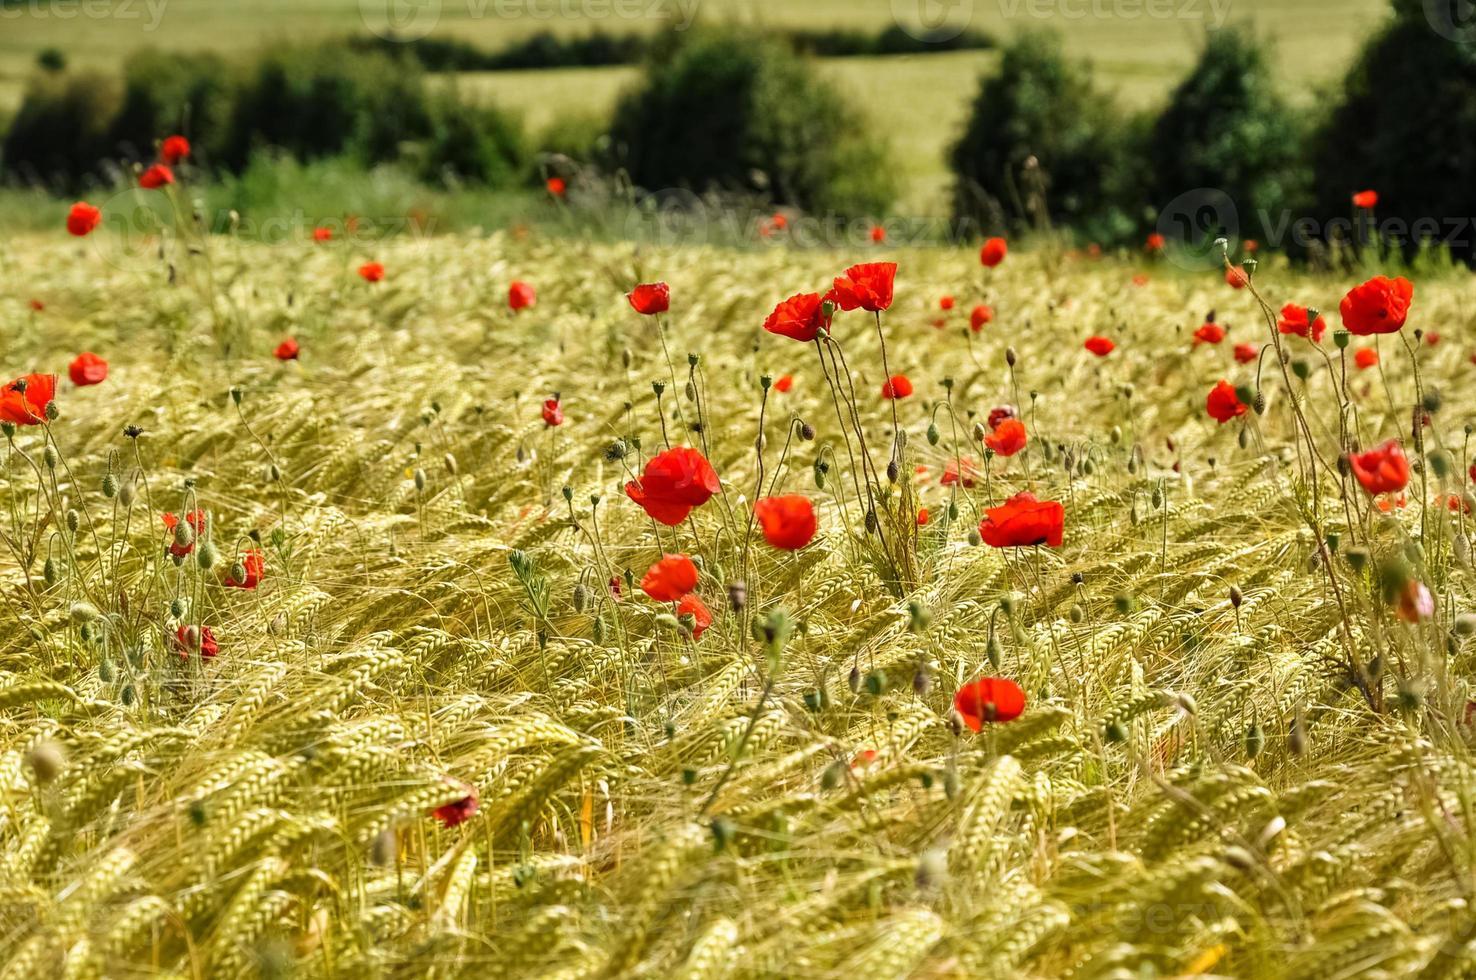 coquelicots dans un champ de blé photo